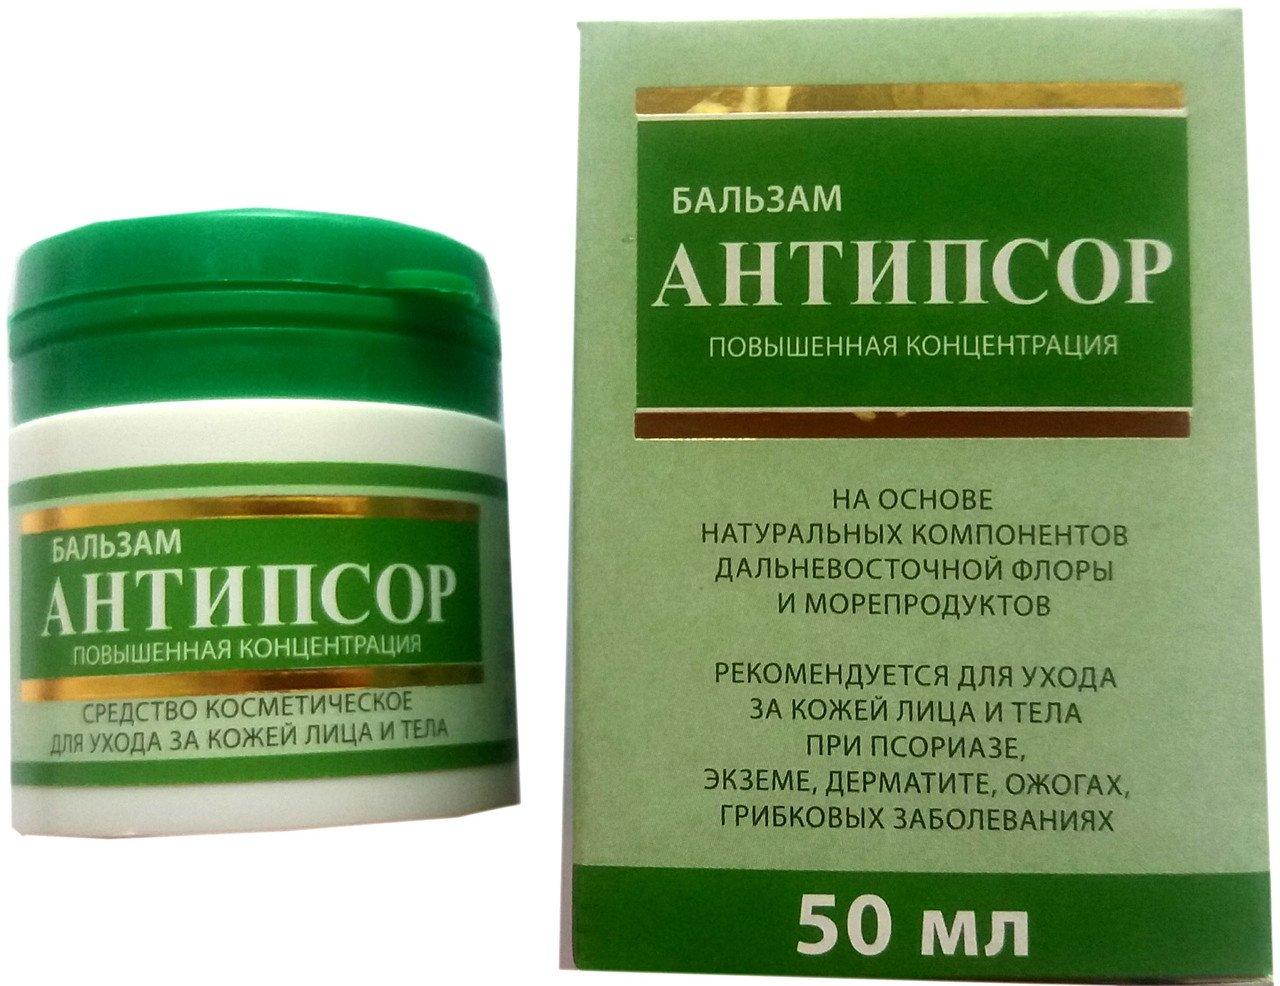 Состав и форма выпуска препарата Антипсор